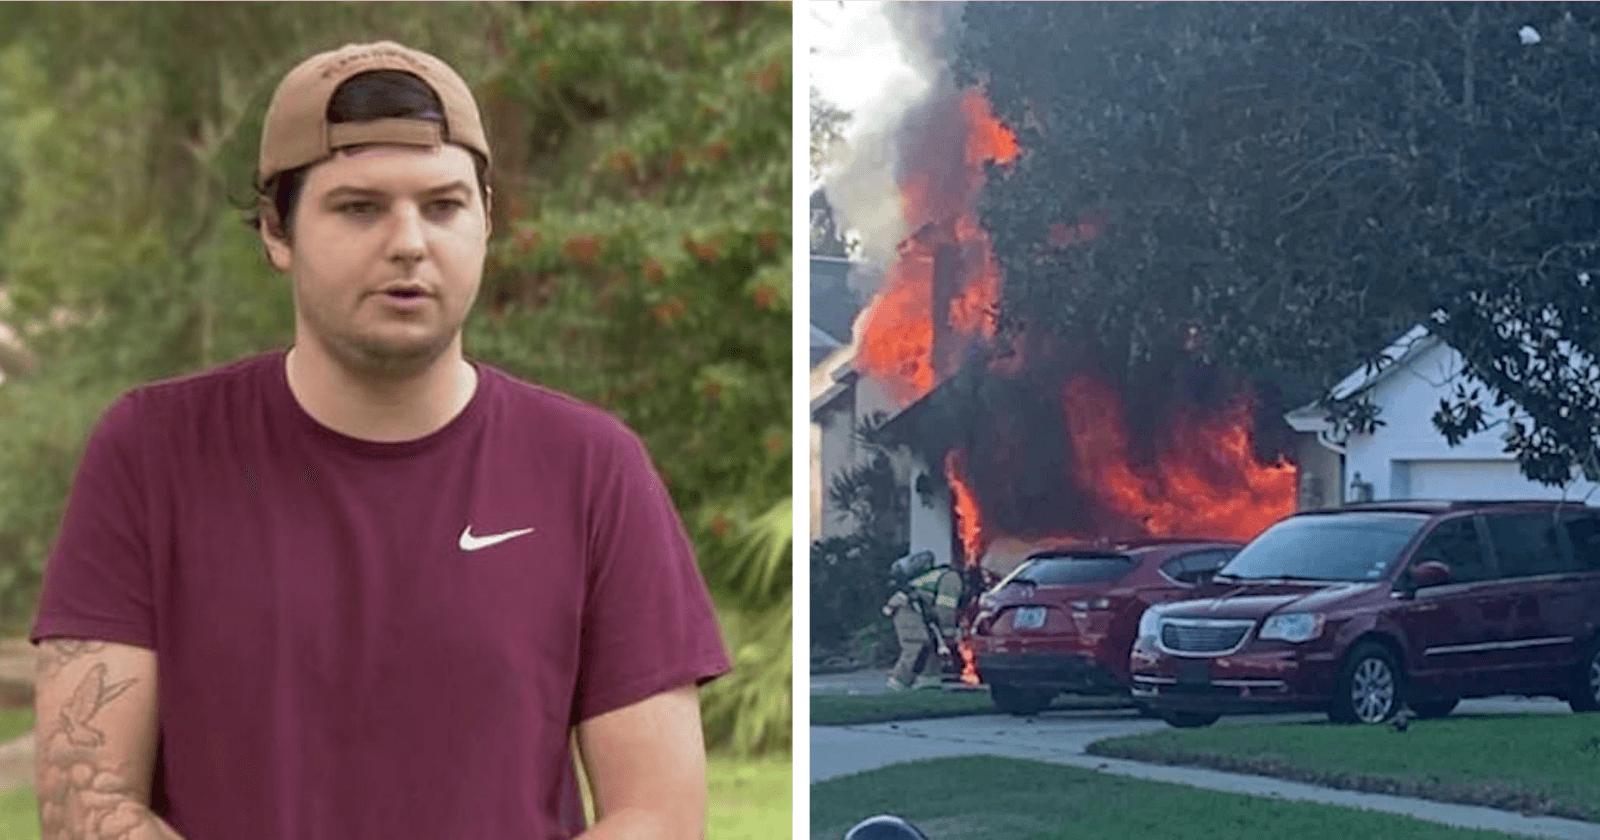 Jovem se arrisca em incêndio e consegue resgatar senhor que não conseguia sair